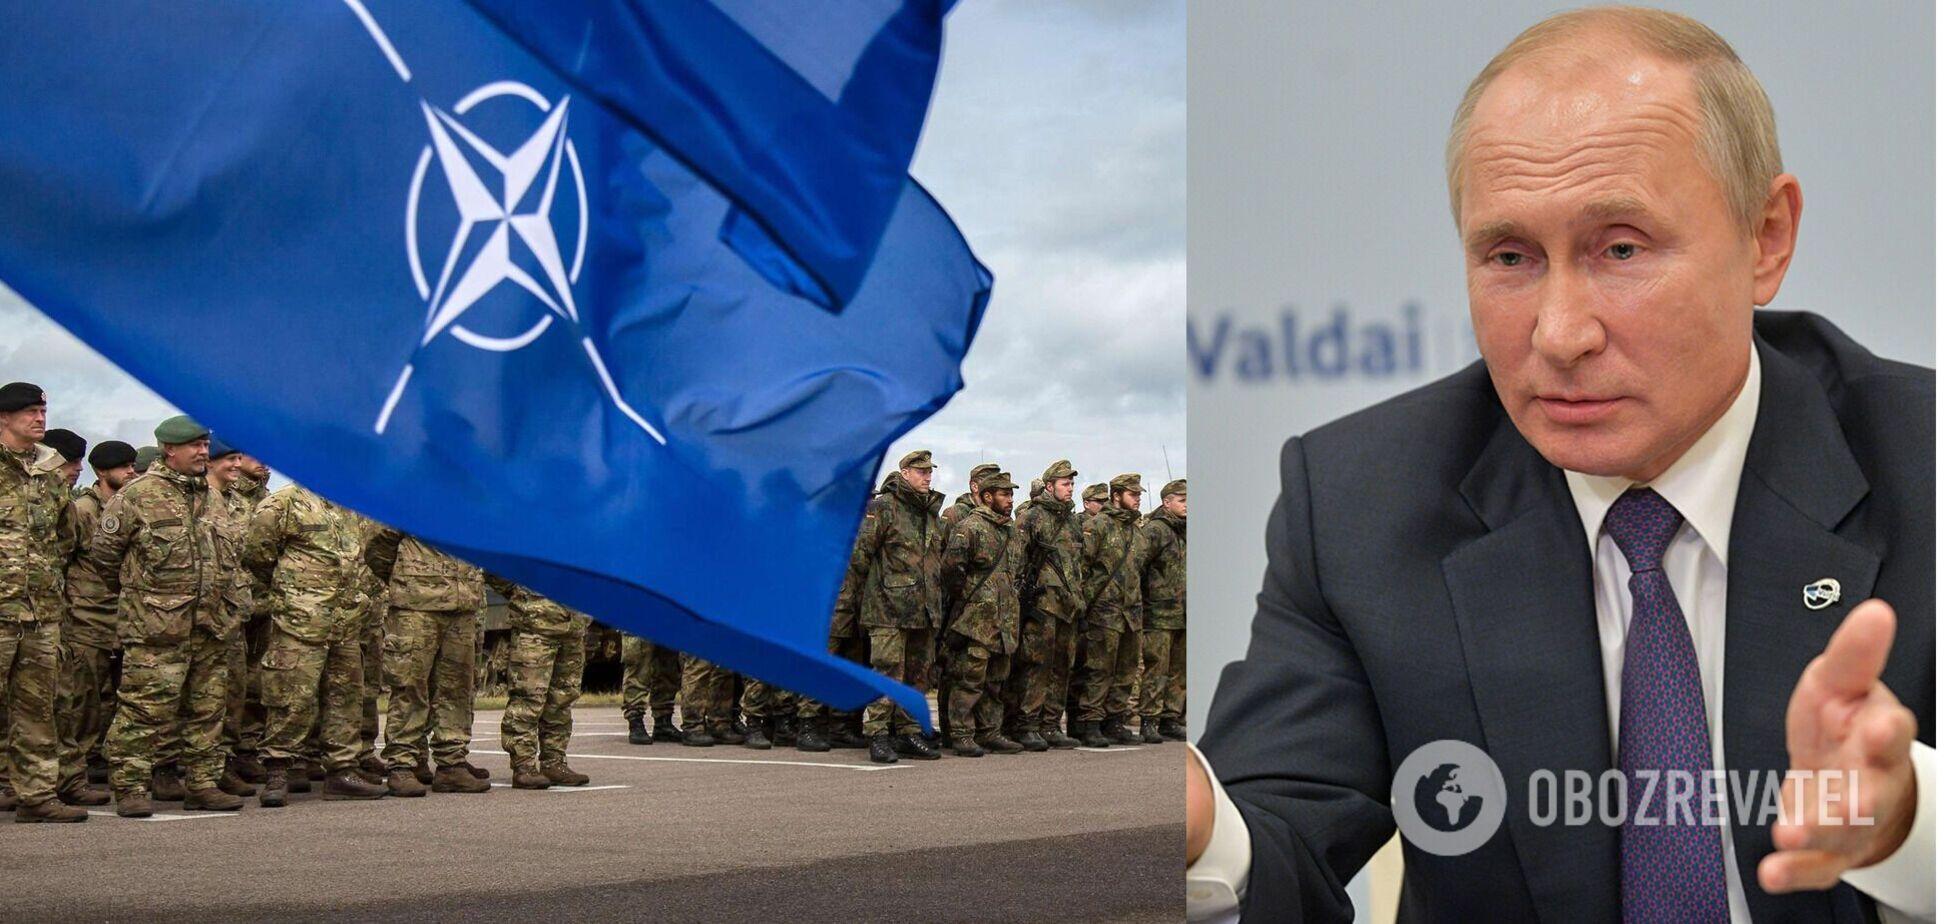 У Путина ответили на заявление Зеленского о вступлении в НАТО